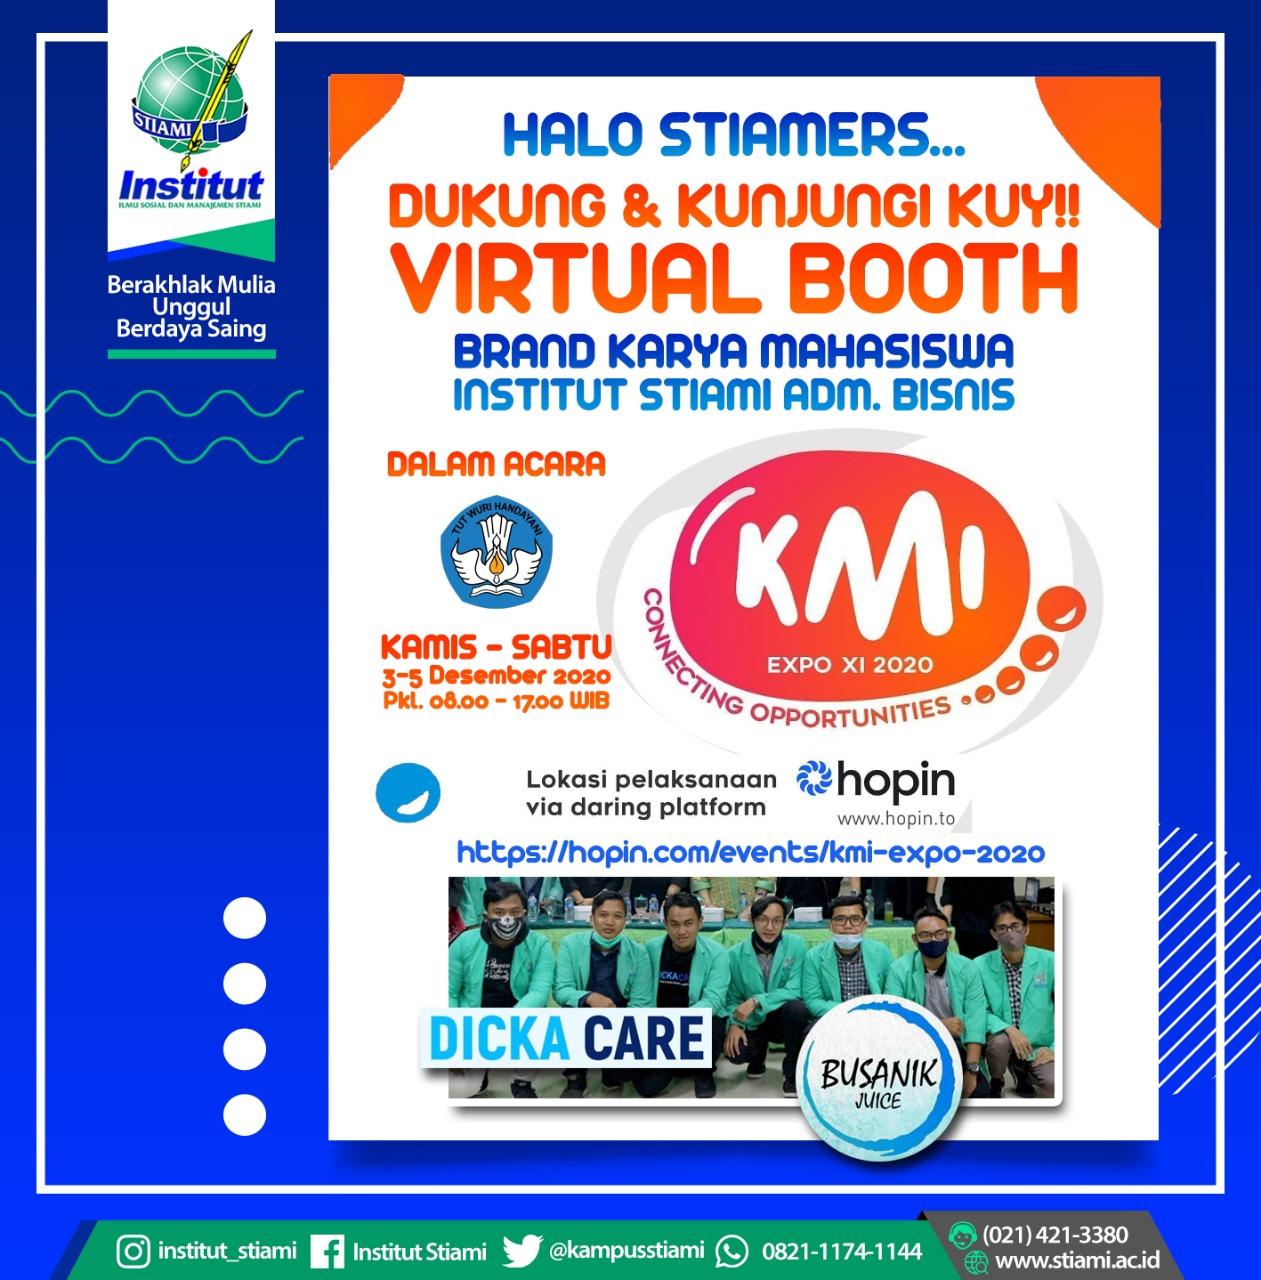 Usaha Mahasiswa Institut menjadi Pemenang dalam  KMI Expo XI 2020